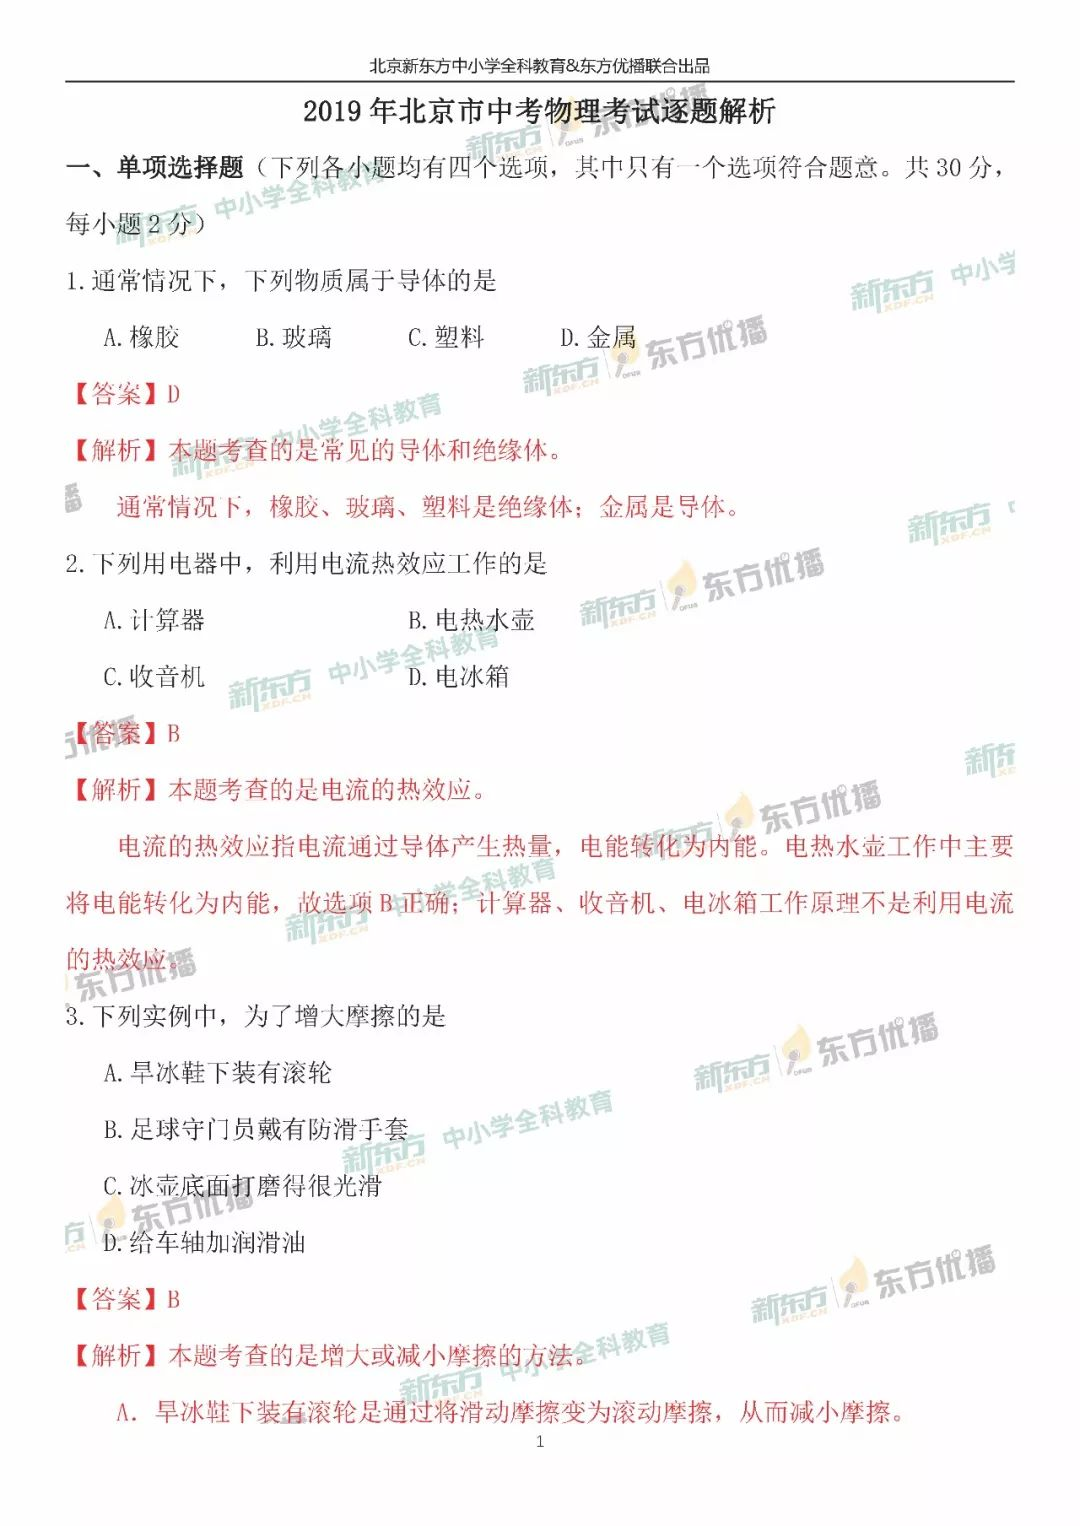 2019北京中考物理试题答案逐题解析(北京新东方)